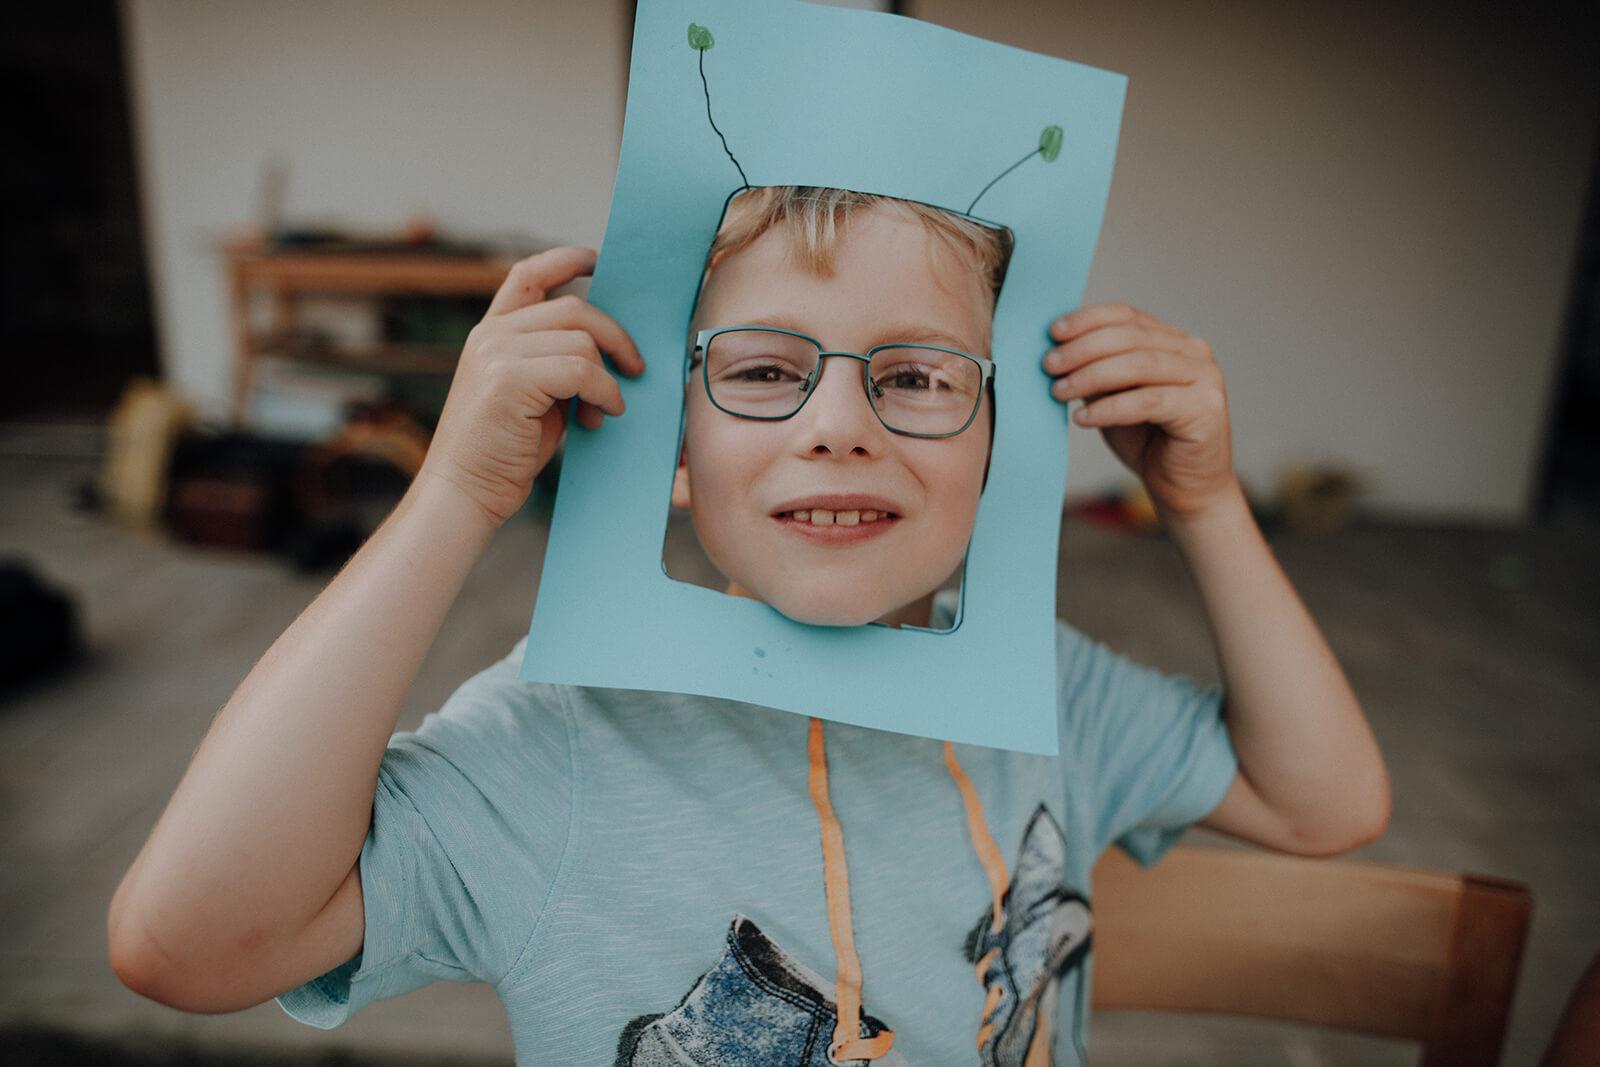 Kind mit selbst gebastelter Maske